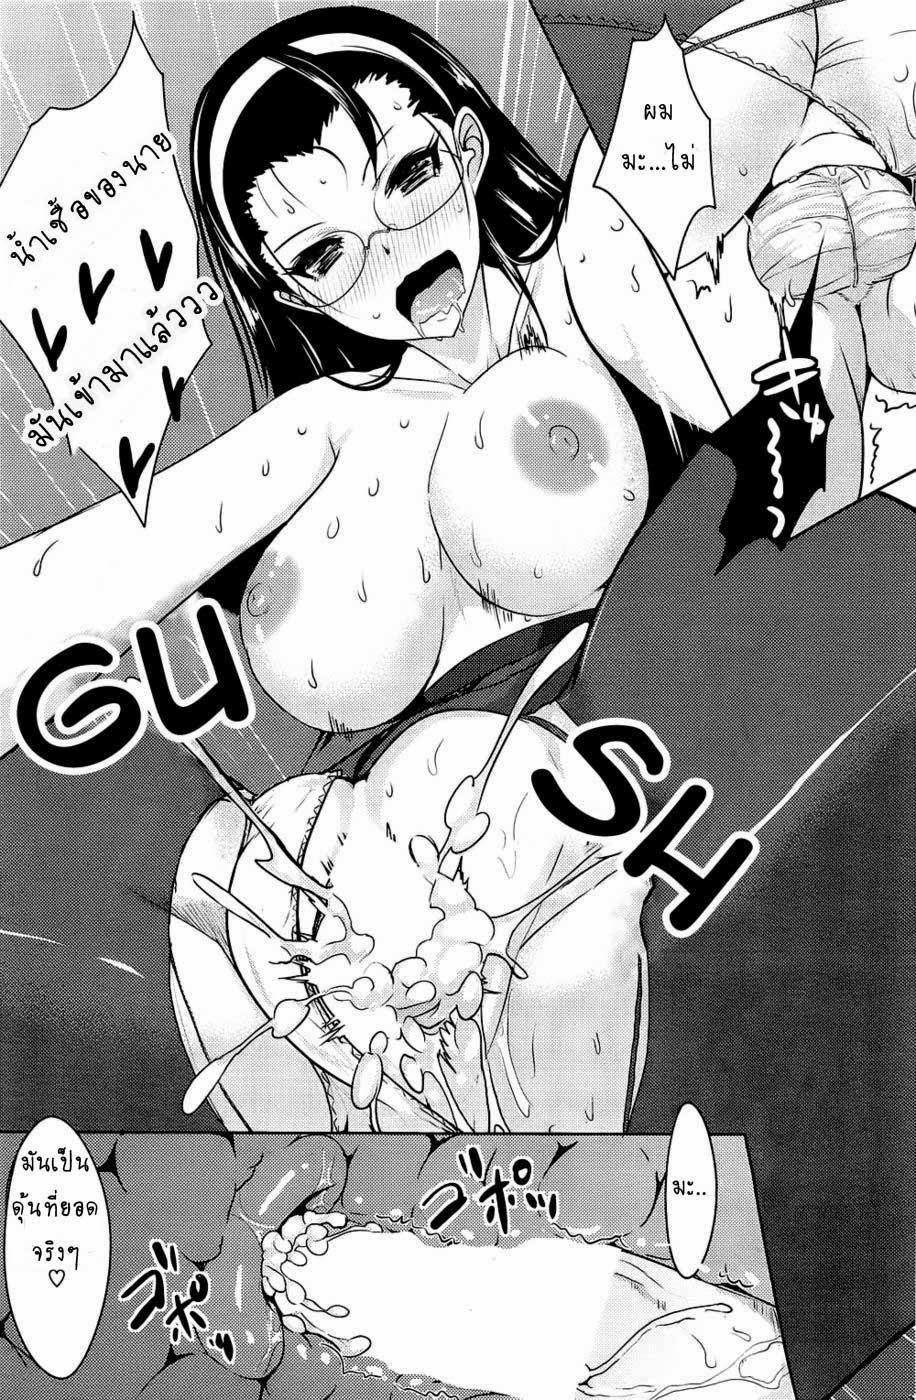 ลองมีเซ็กซ์หลังเลิกเรียน - หน้า 19